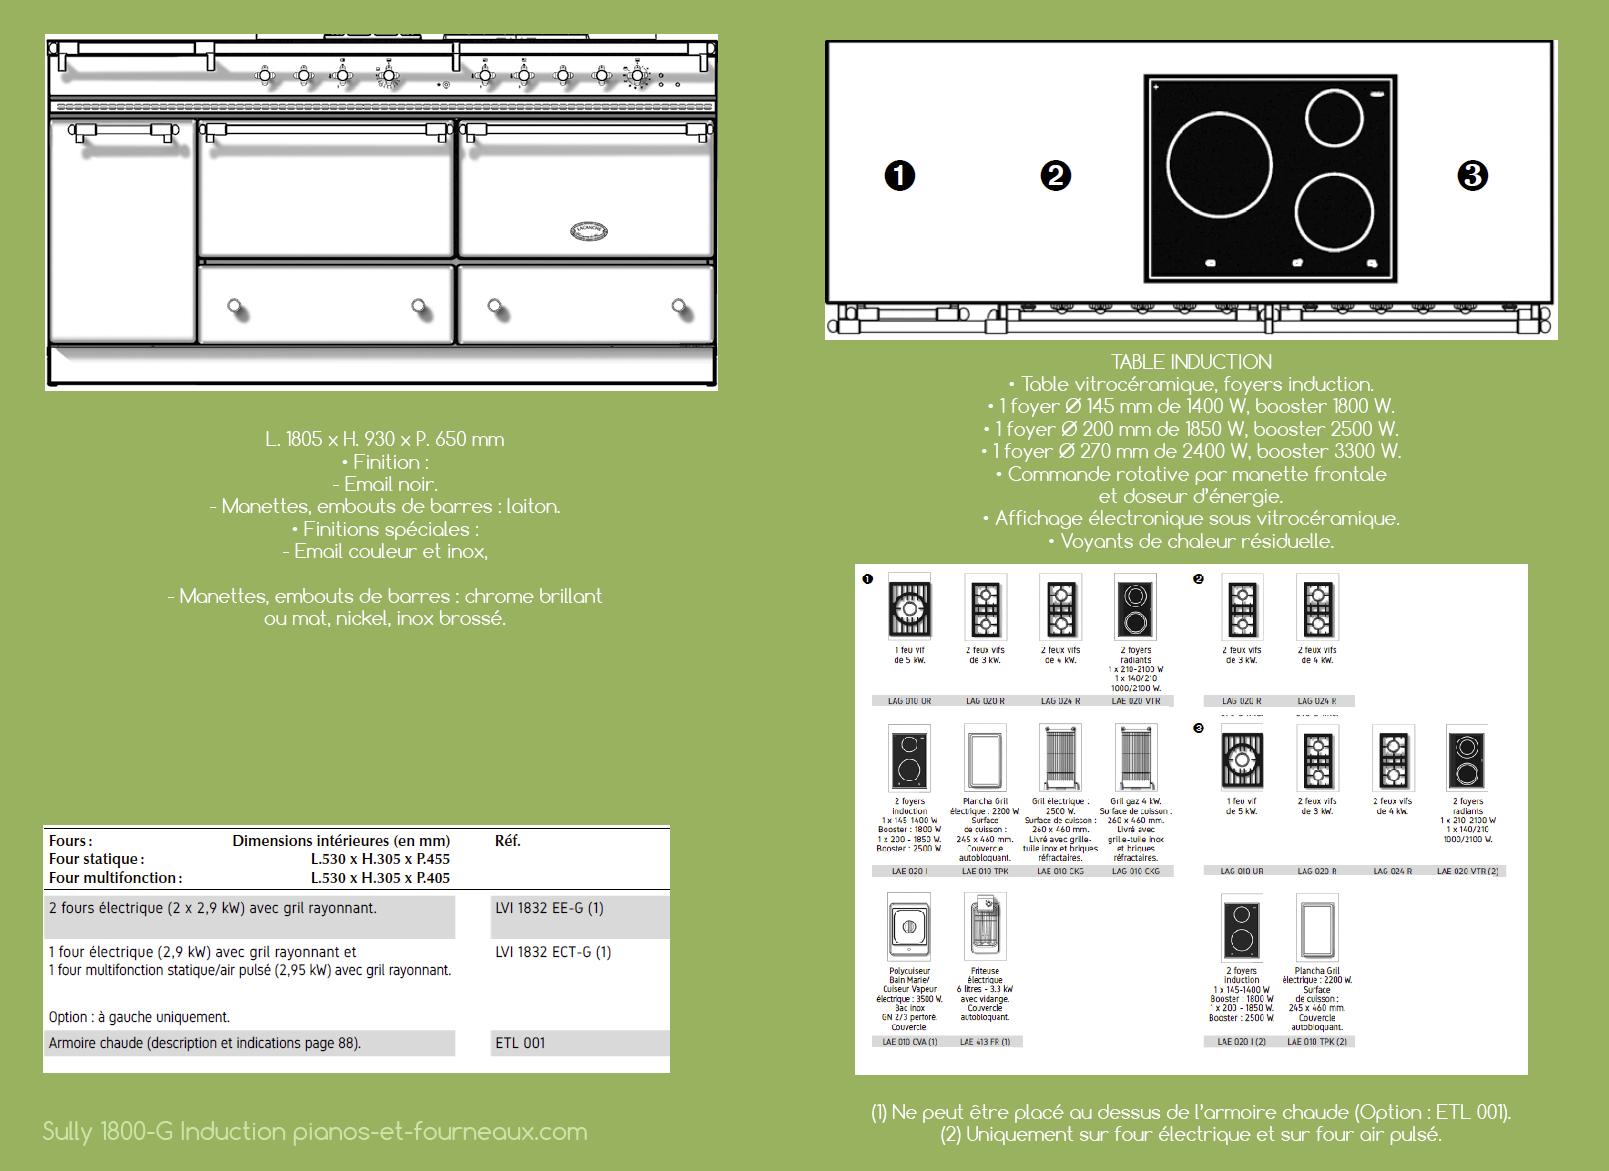 Sully 1800 G Induction configurations possibles - pianos-et-fourneaux.com le spécialiste des pianos de cuisine et fourneaux de cuisson Lacanche